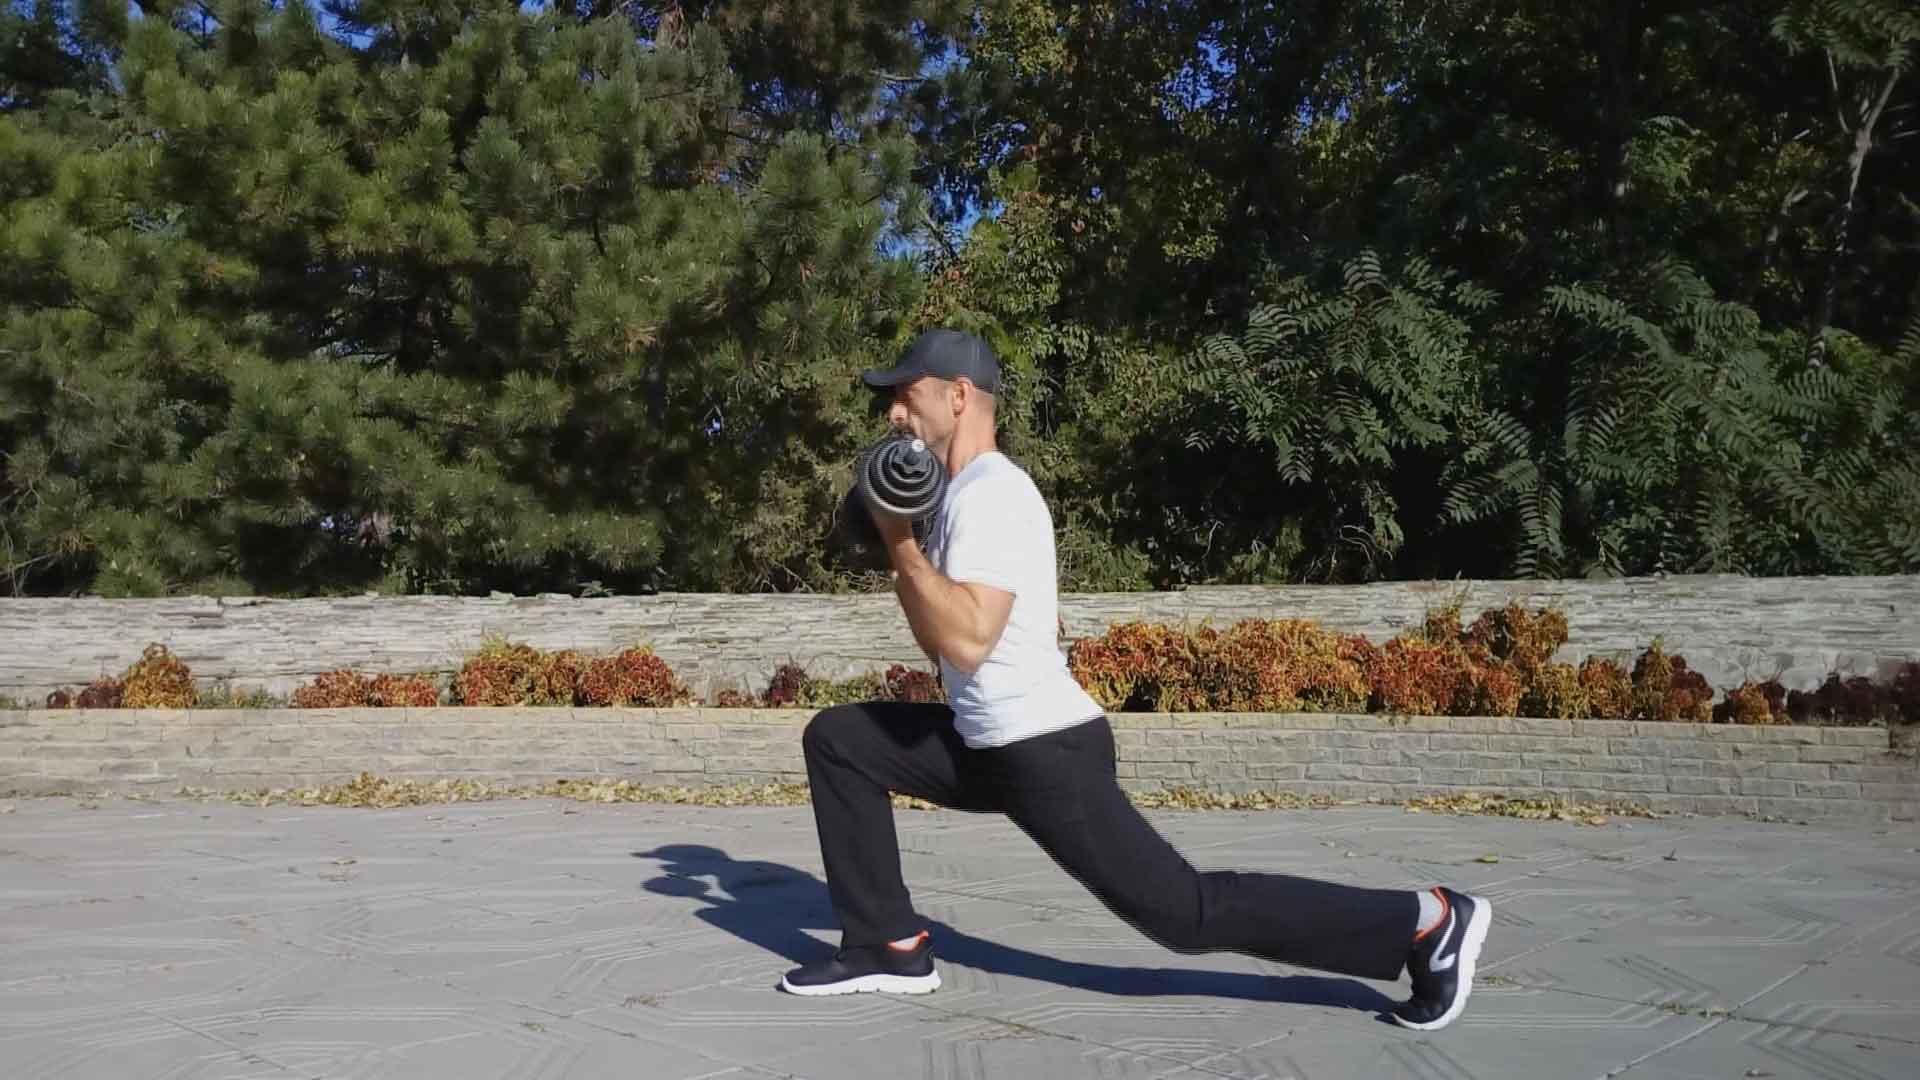 Упражнение для похудения. Выпады назад со сгибанием рук с гантелями